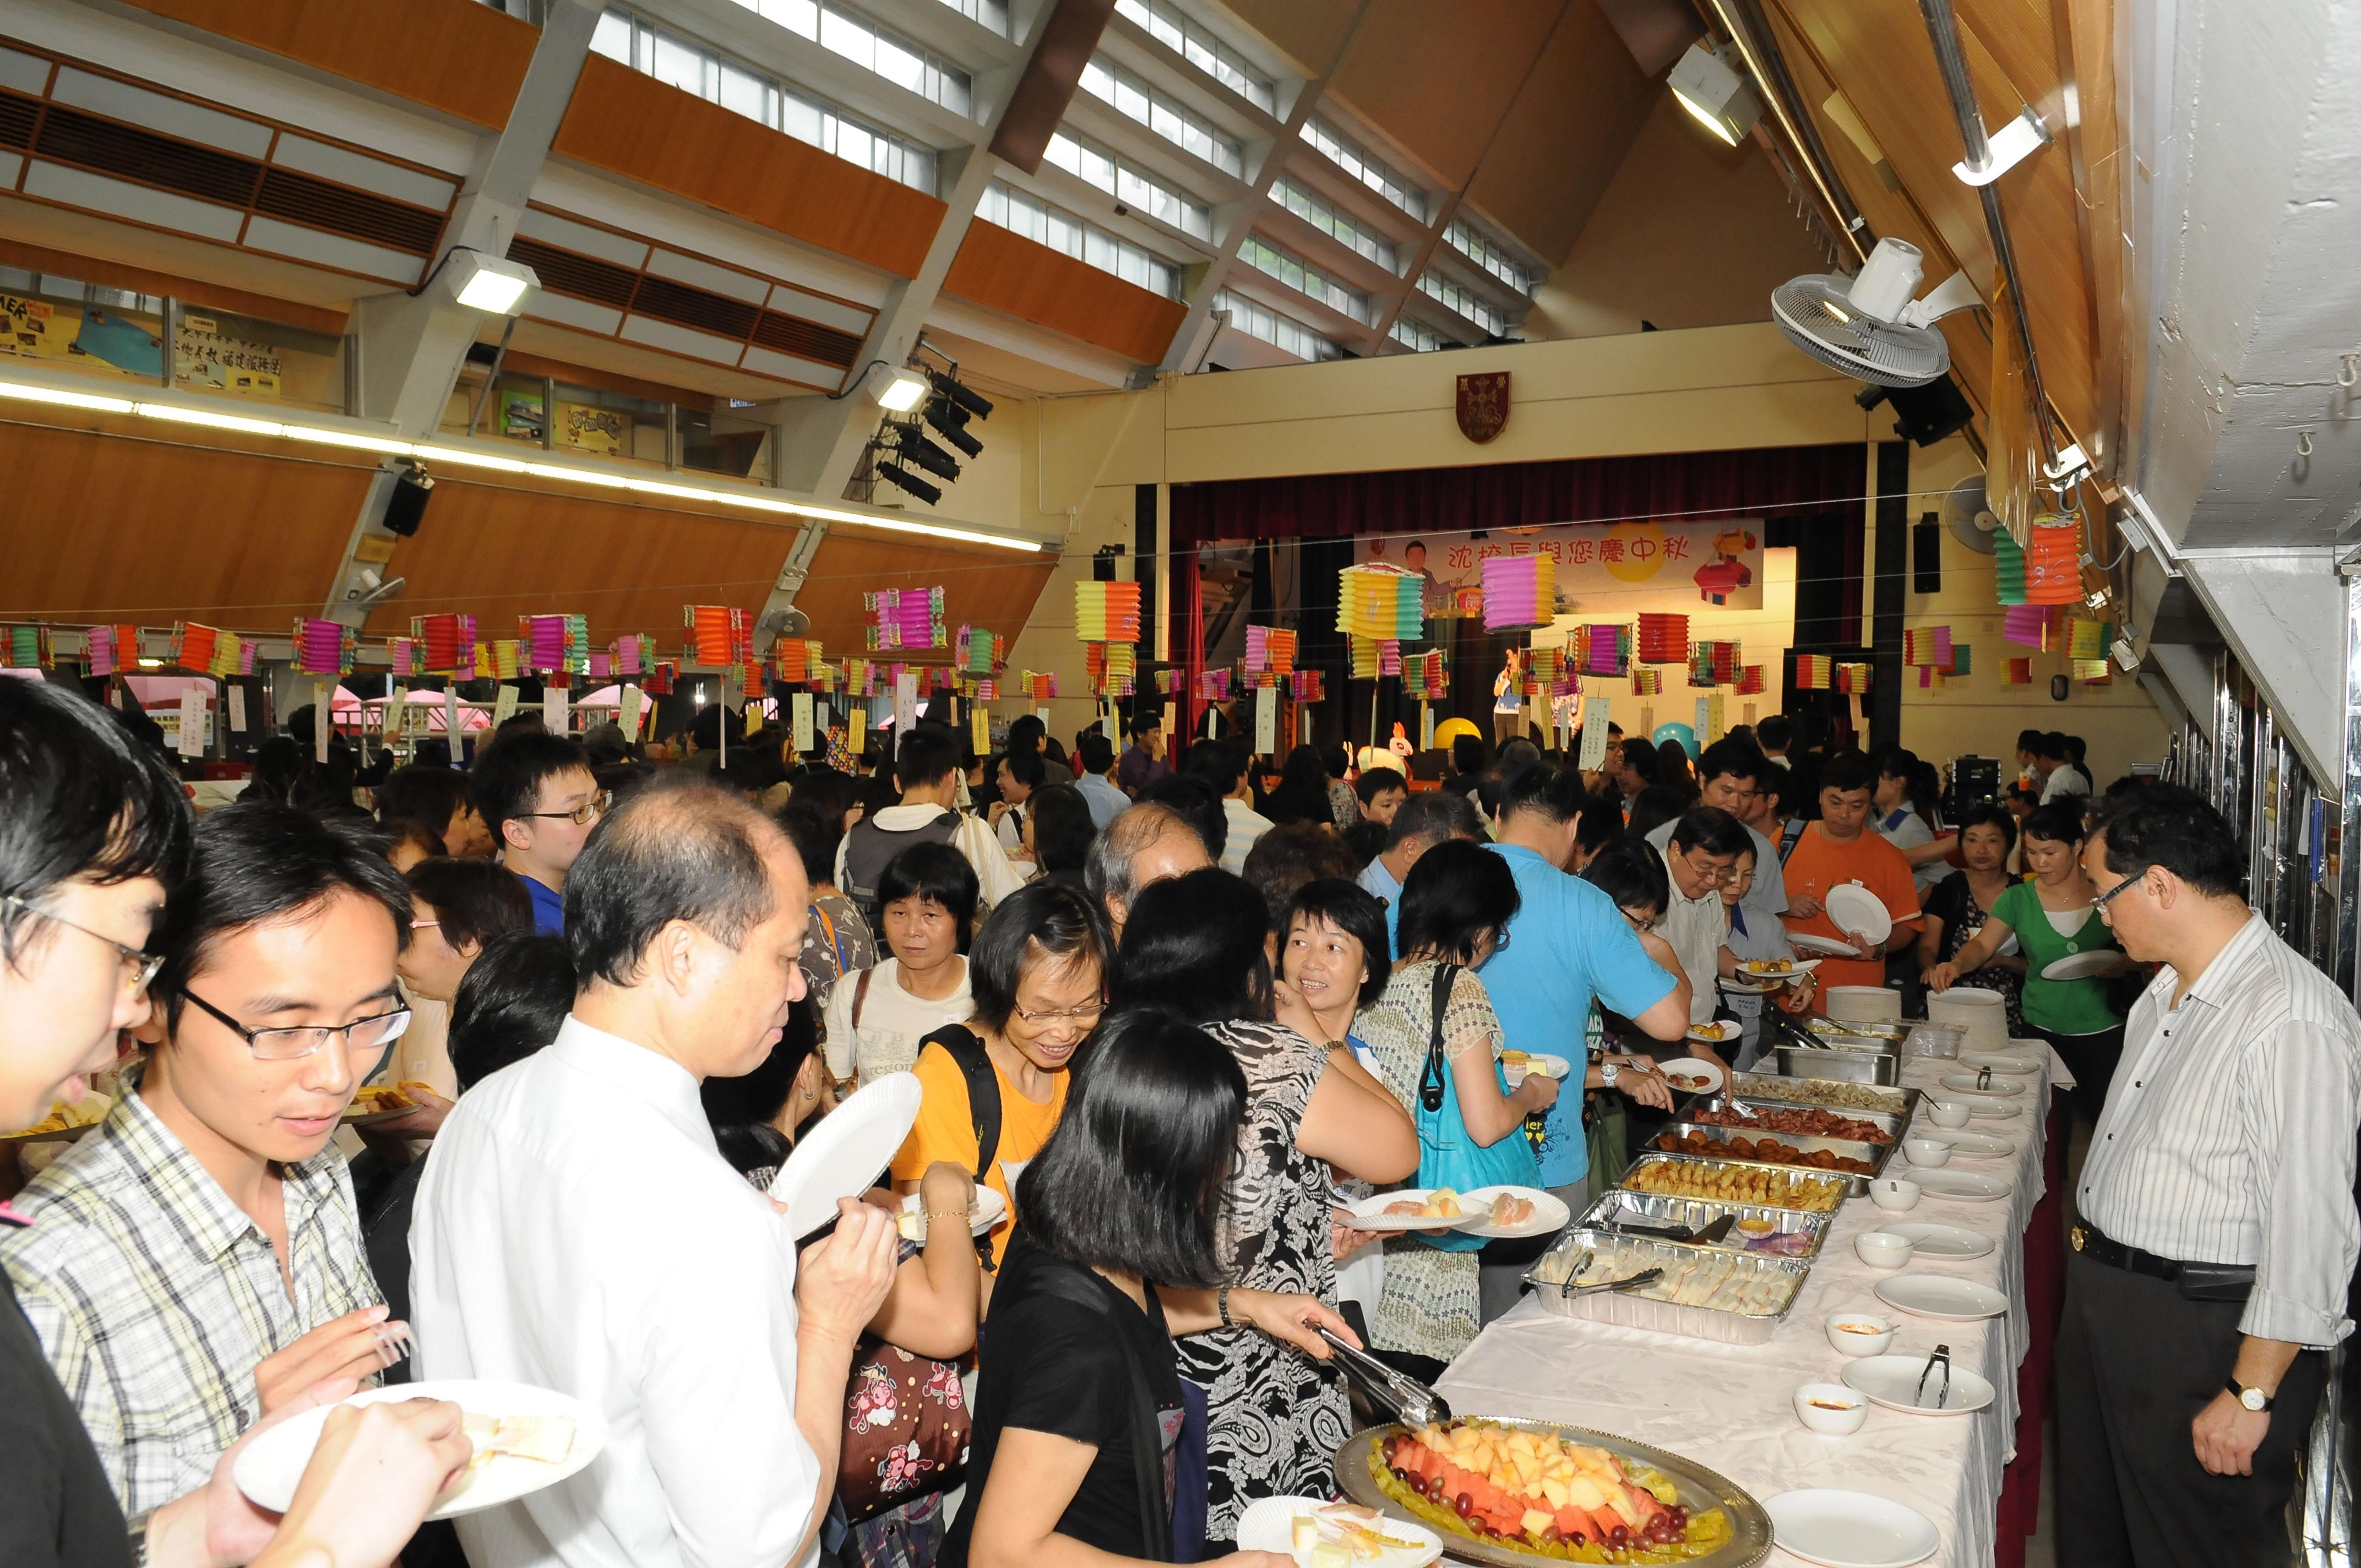 眾志堂內人頭湧湧,員工皆盡情投入參與,並享受美食